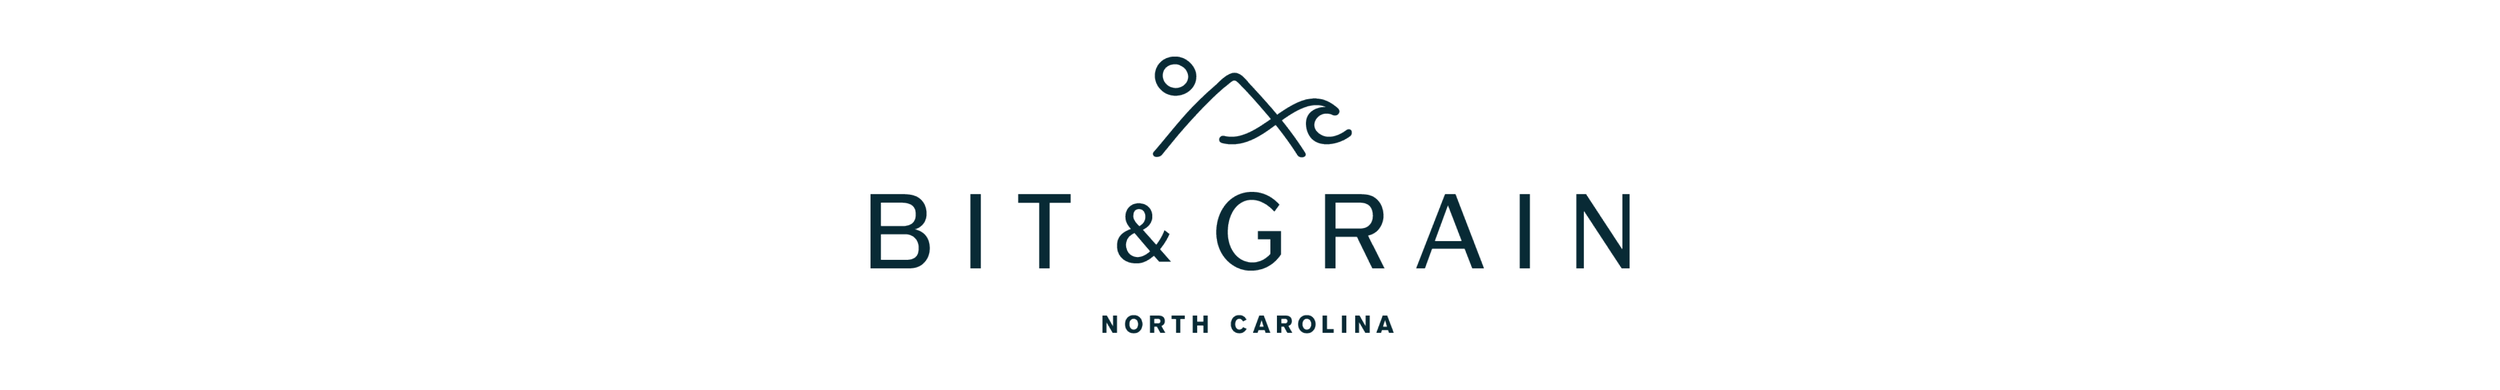 bit and grain logo.png